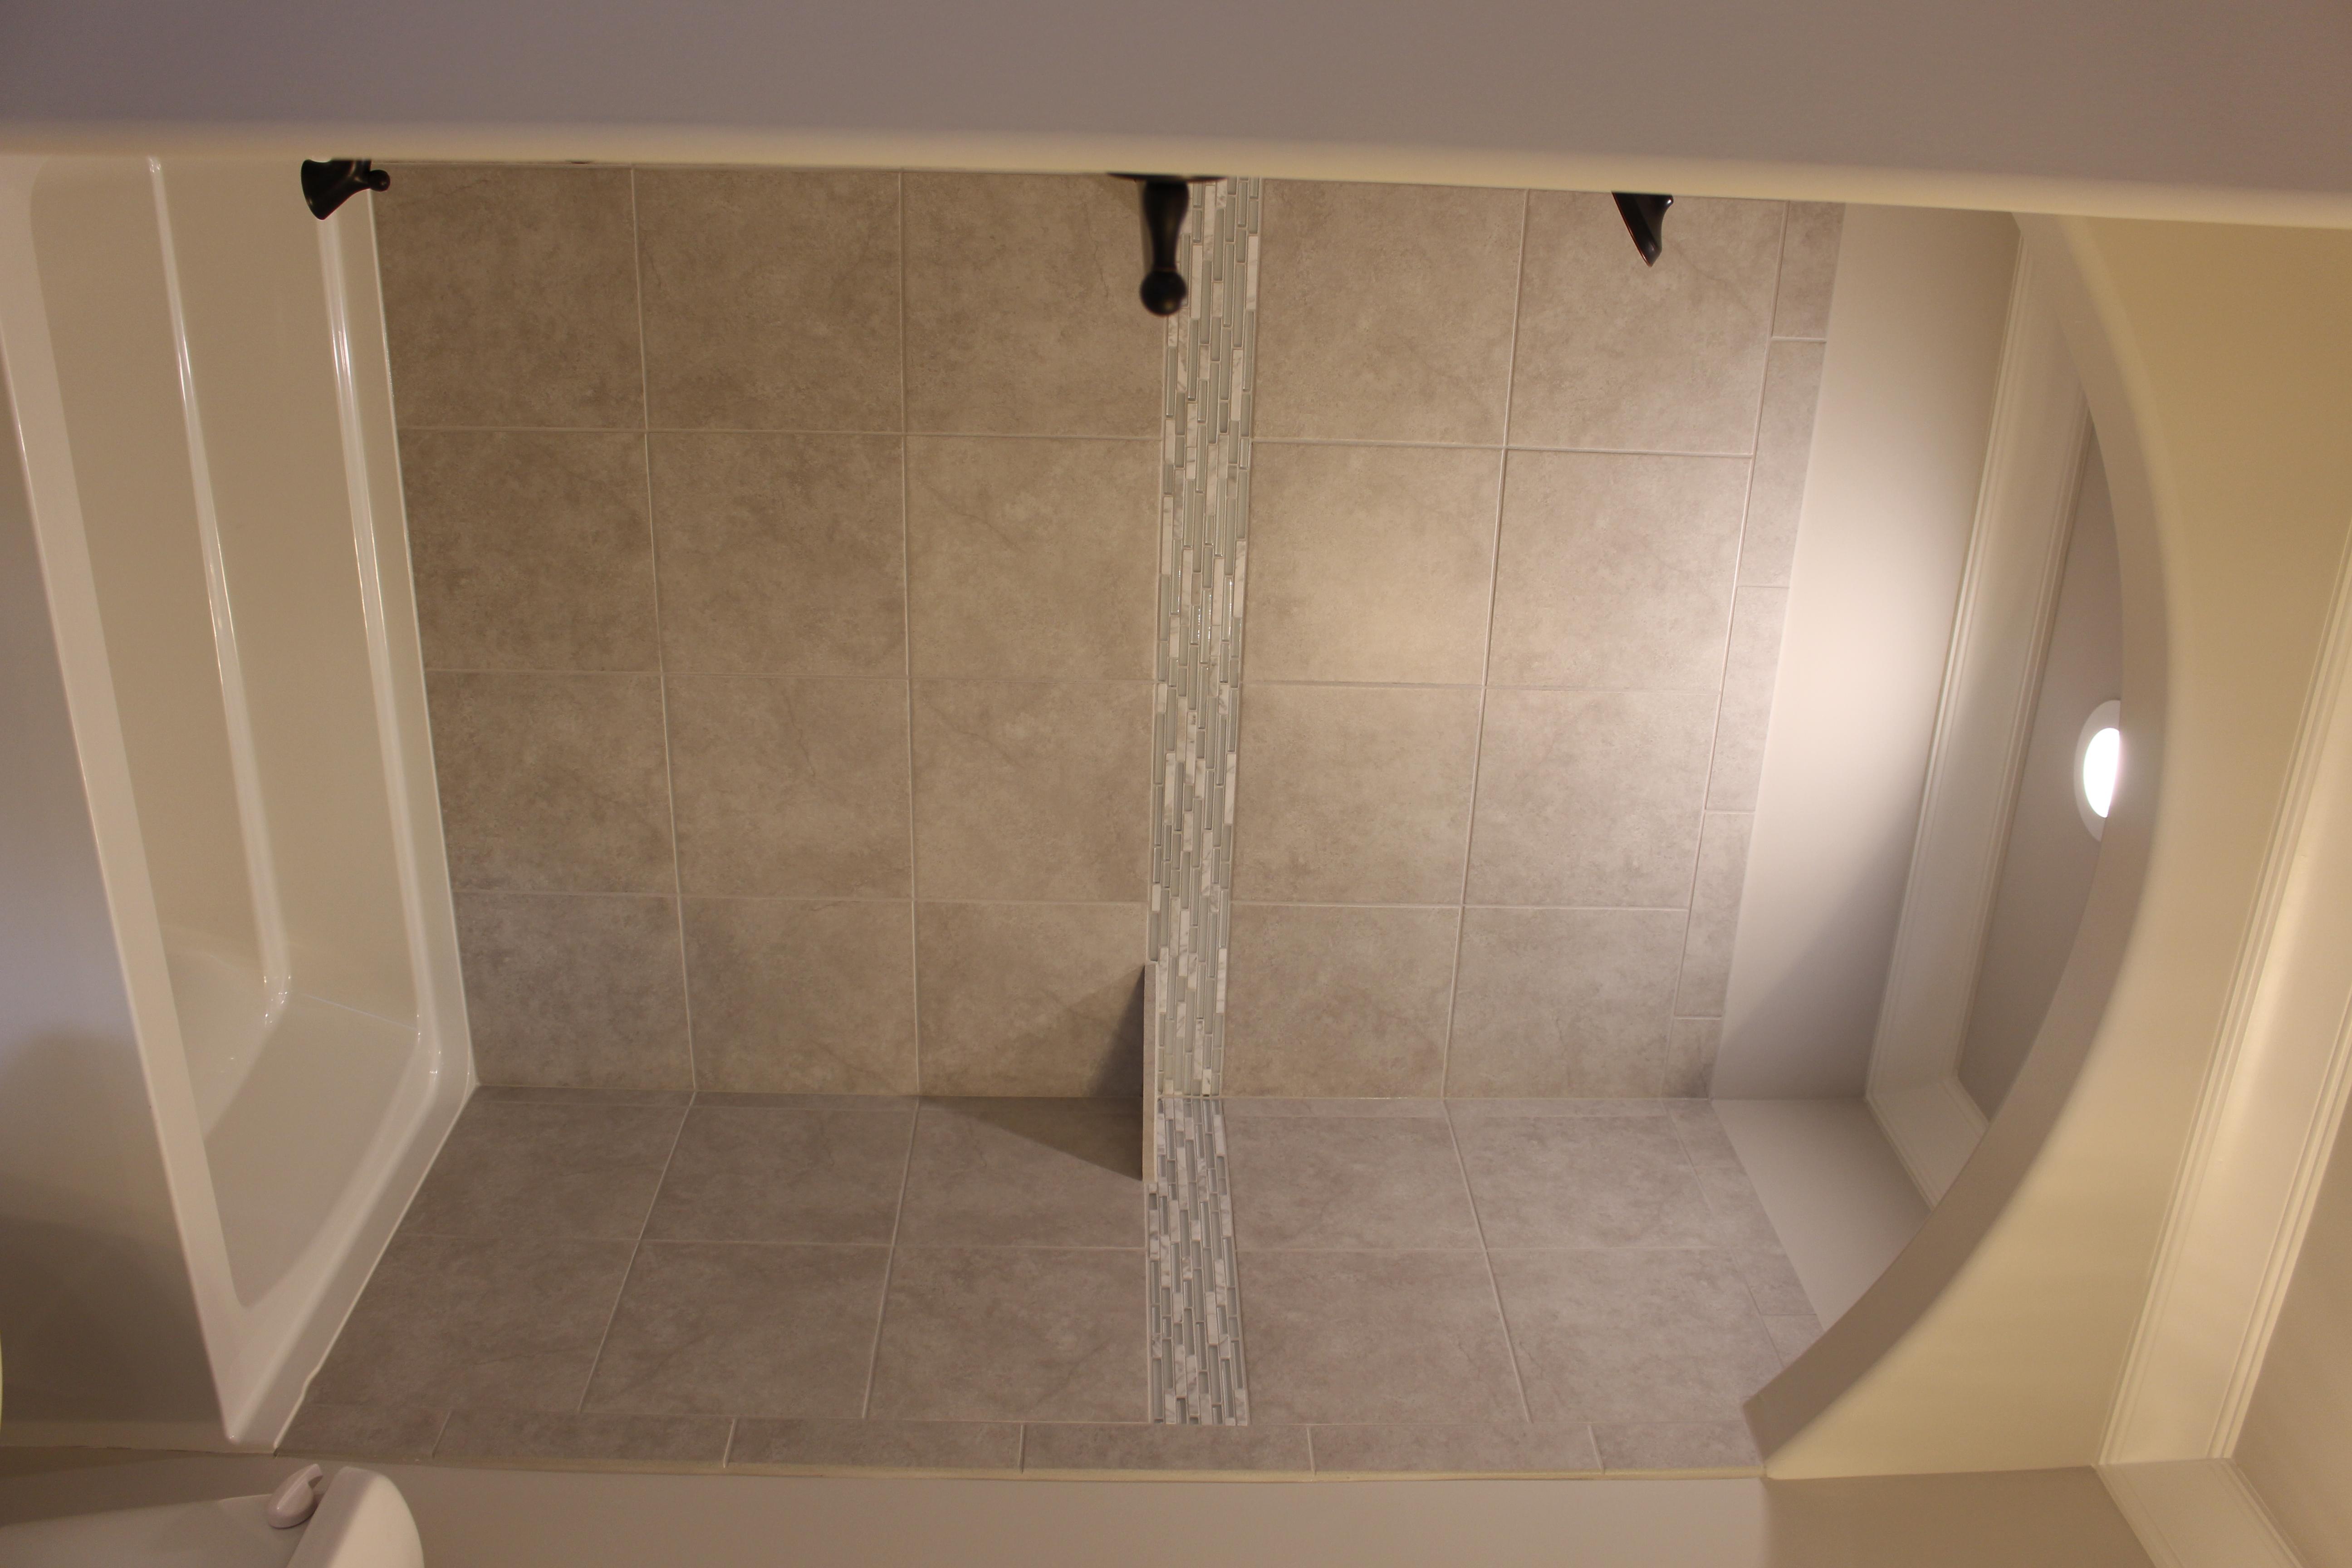 Lot 21 AB secondary bath tub